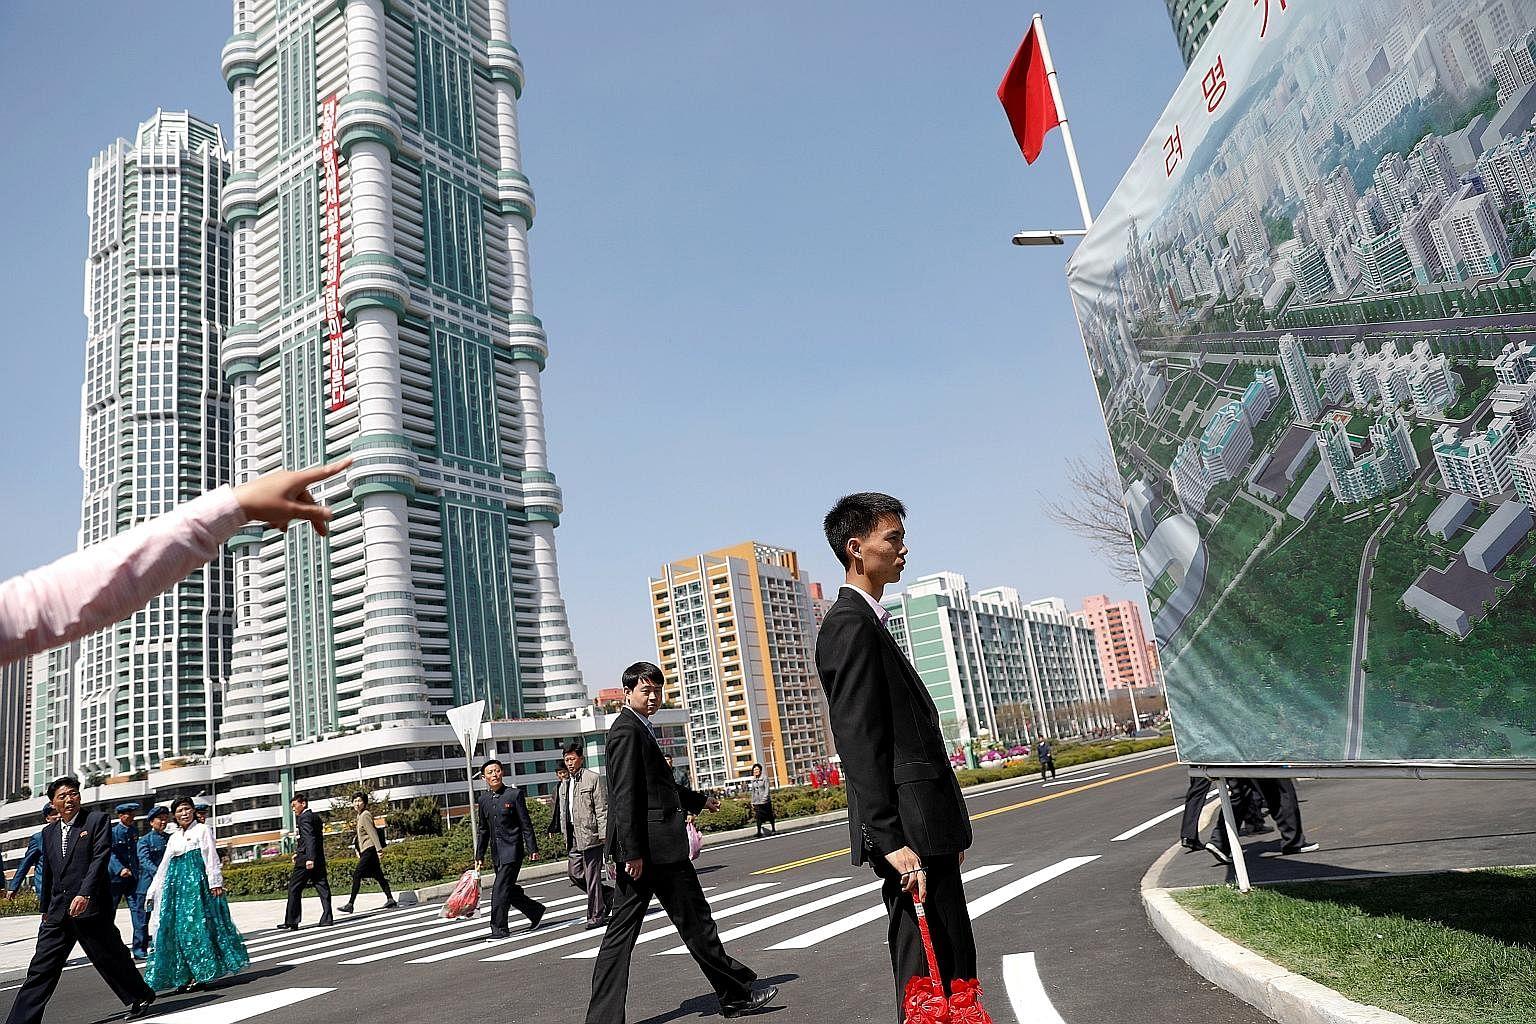 Pyongyang property market booms despite UN sanctions, East